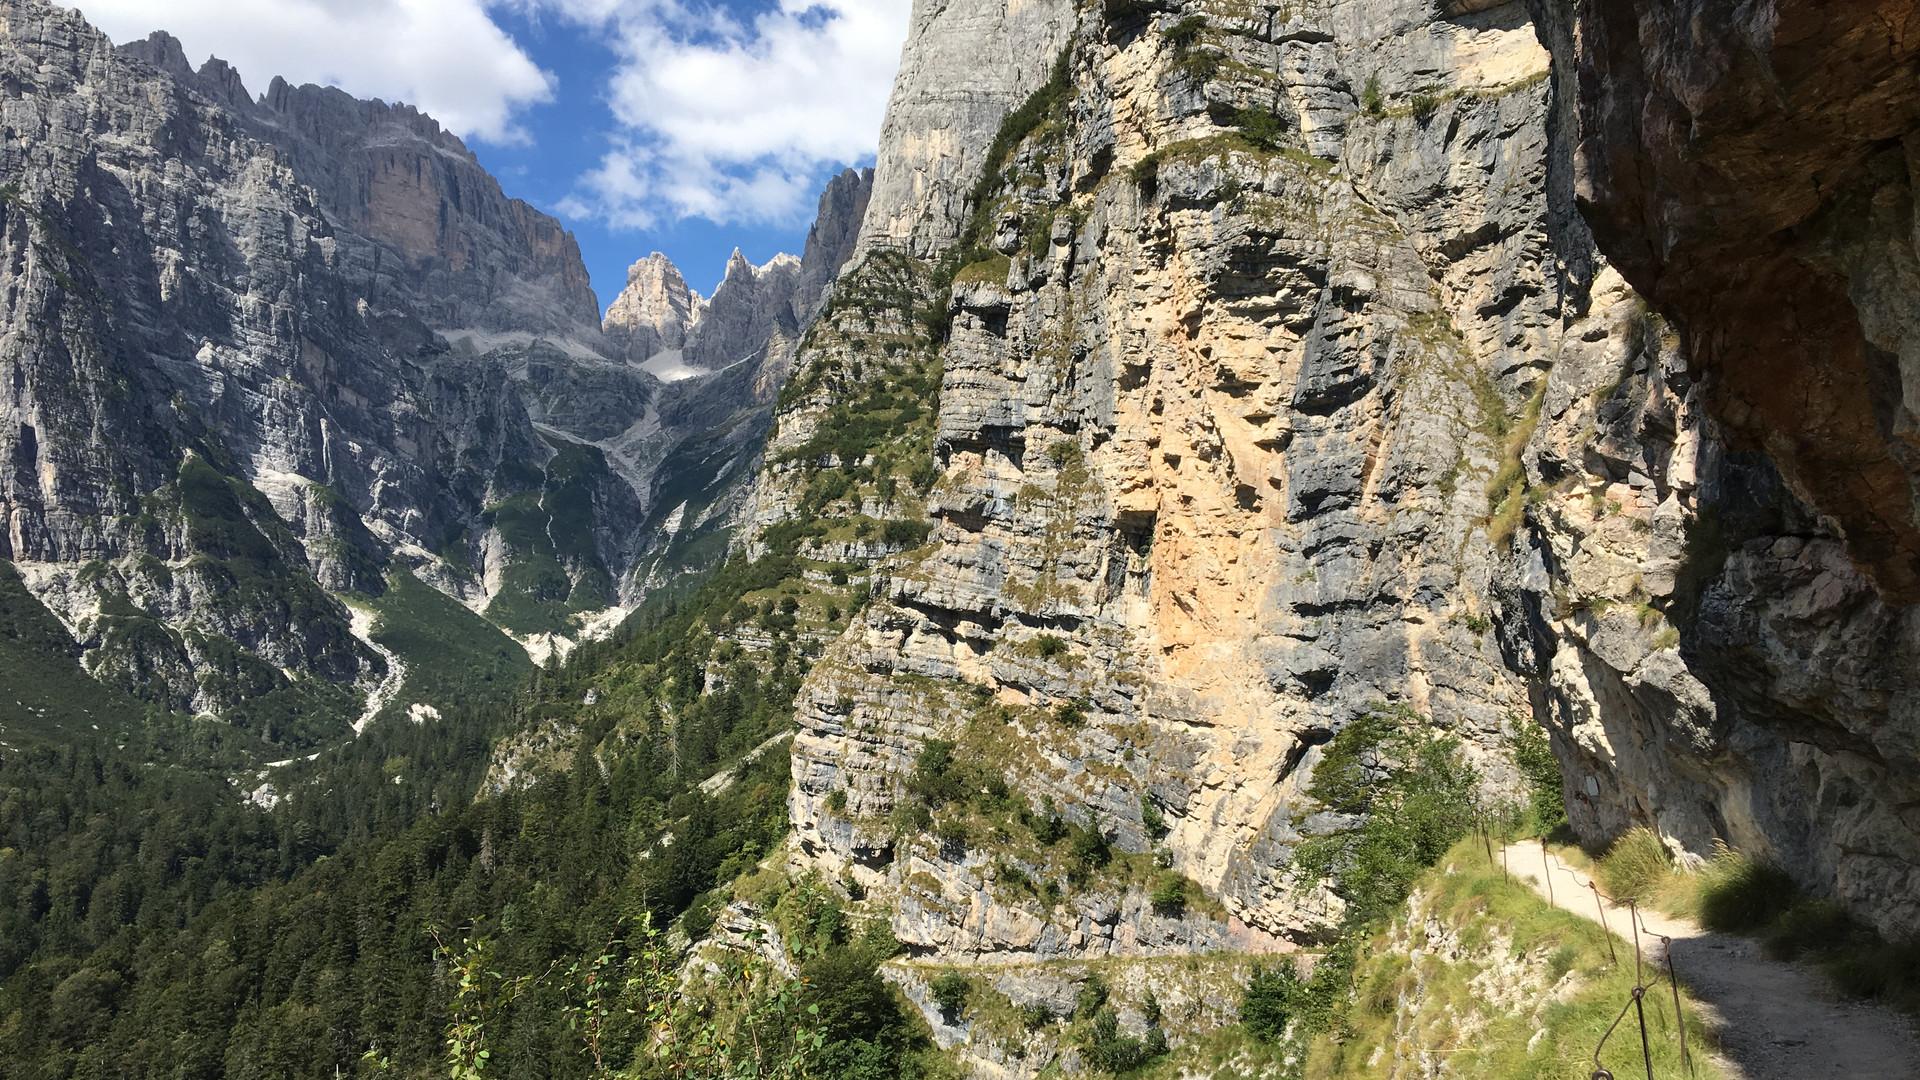 Sentiero per il Rifugio Croz dell'Altissimo